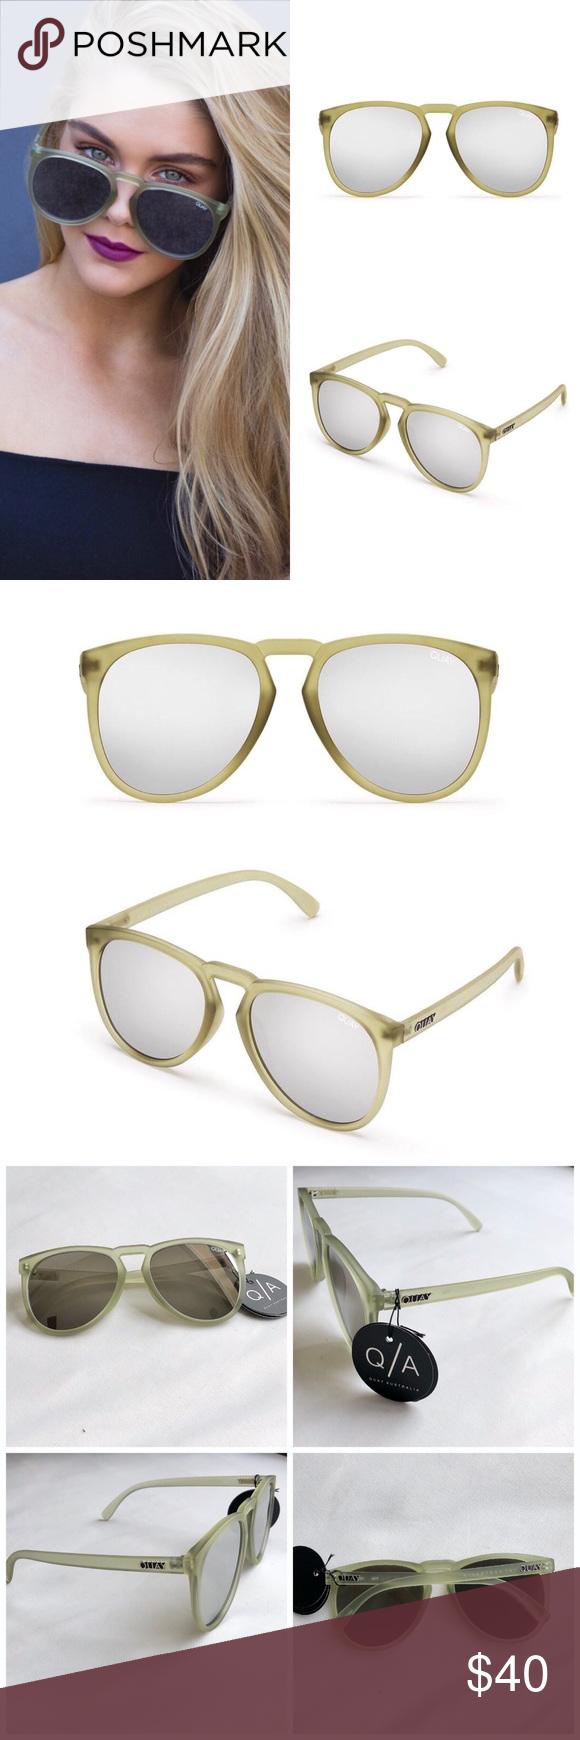 8288ac0754 Quay Australia PhD Sunglasses Quay Australia PhD Sunglasses in olive green  with silver mirror lenses.